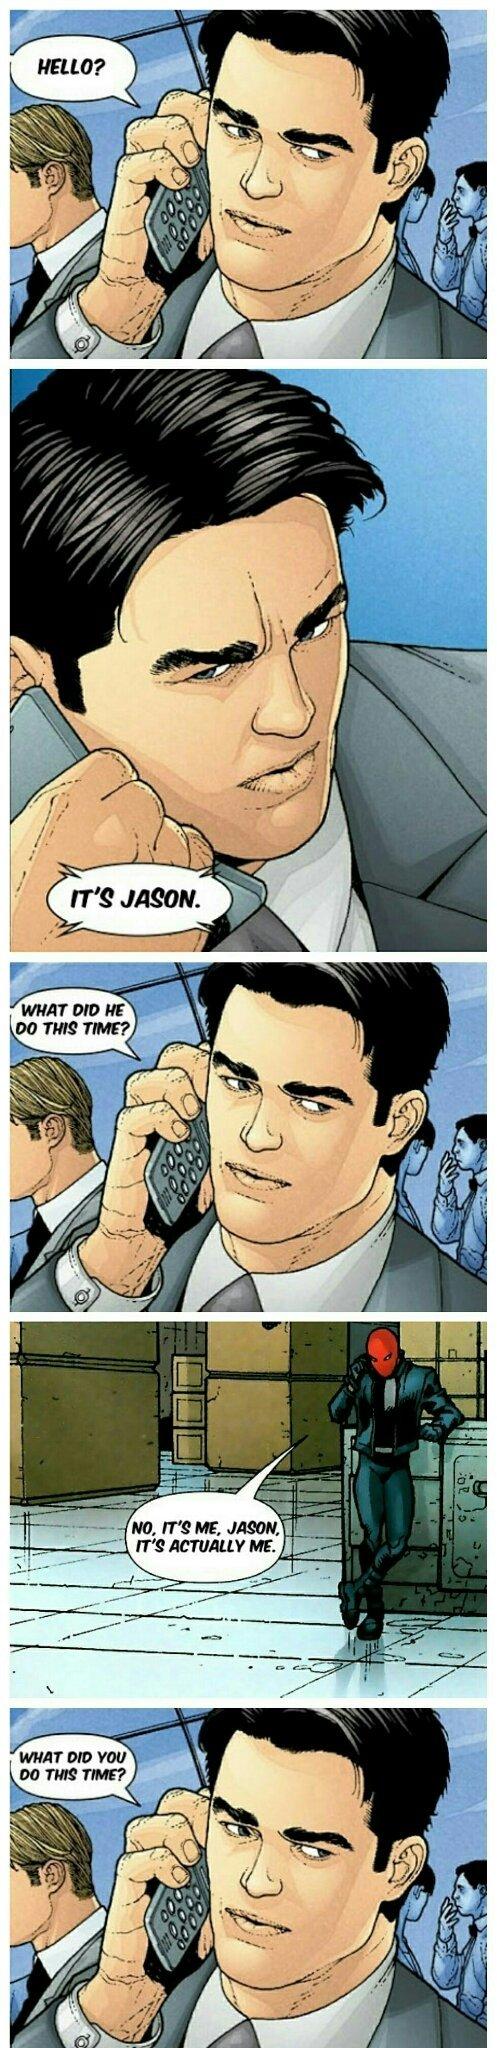 Jason - meme